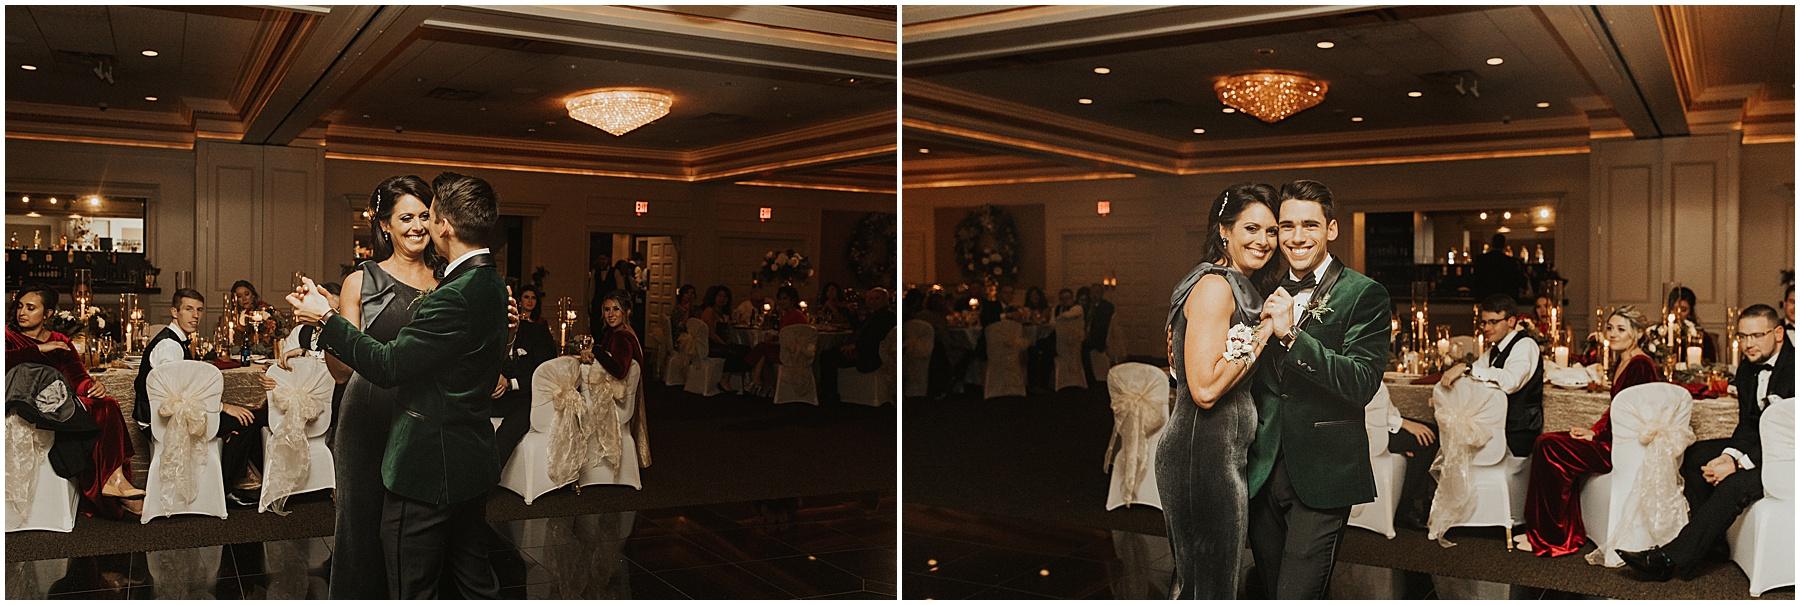 Christmas Wedding in Ohio_0335.jpg